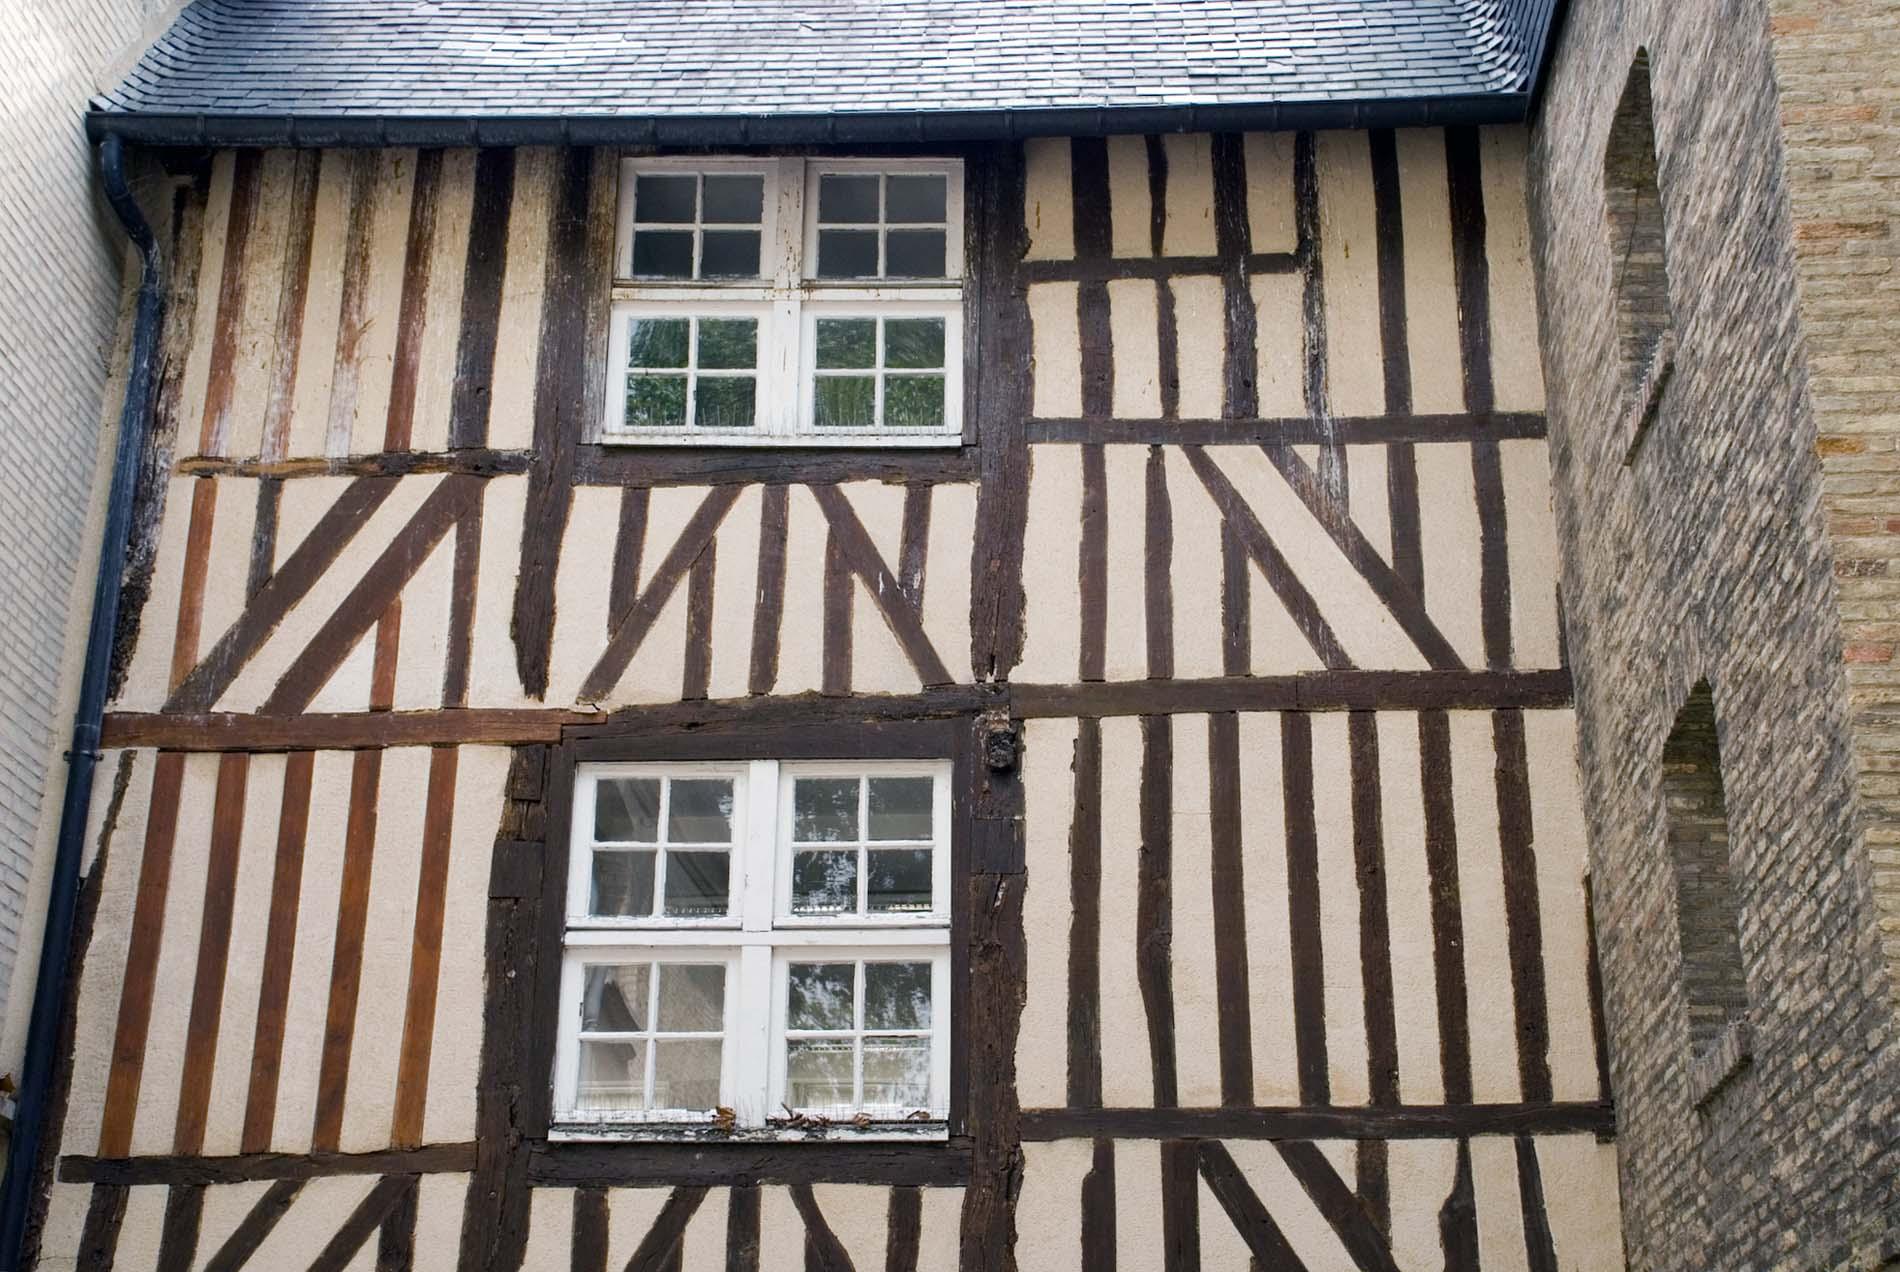 Parcours Les Bassins.  ... mit Details, die an ein englisches Cottage erinnern ...